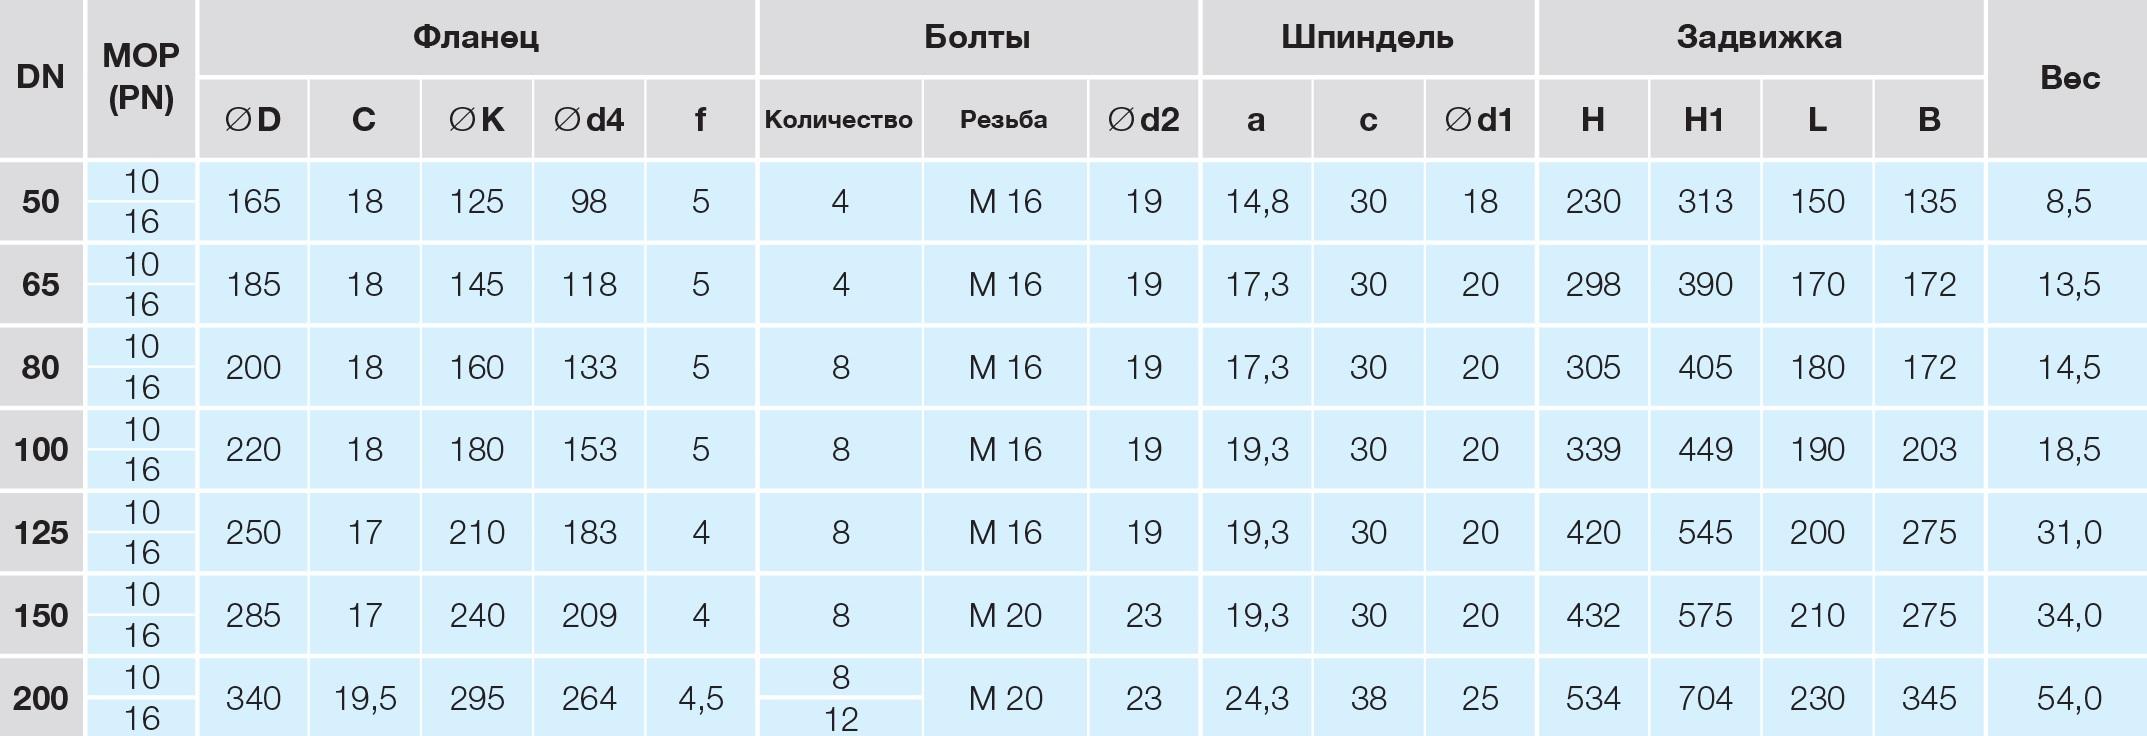 Таблица характеристик для Задвижка клиновая чугунная фланцевая Hawle 4000E1+ Dn80 Pn16